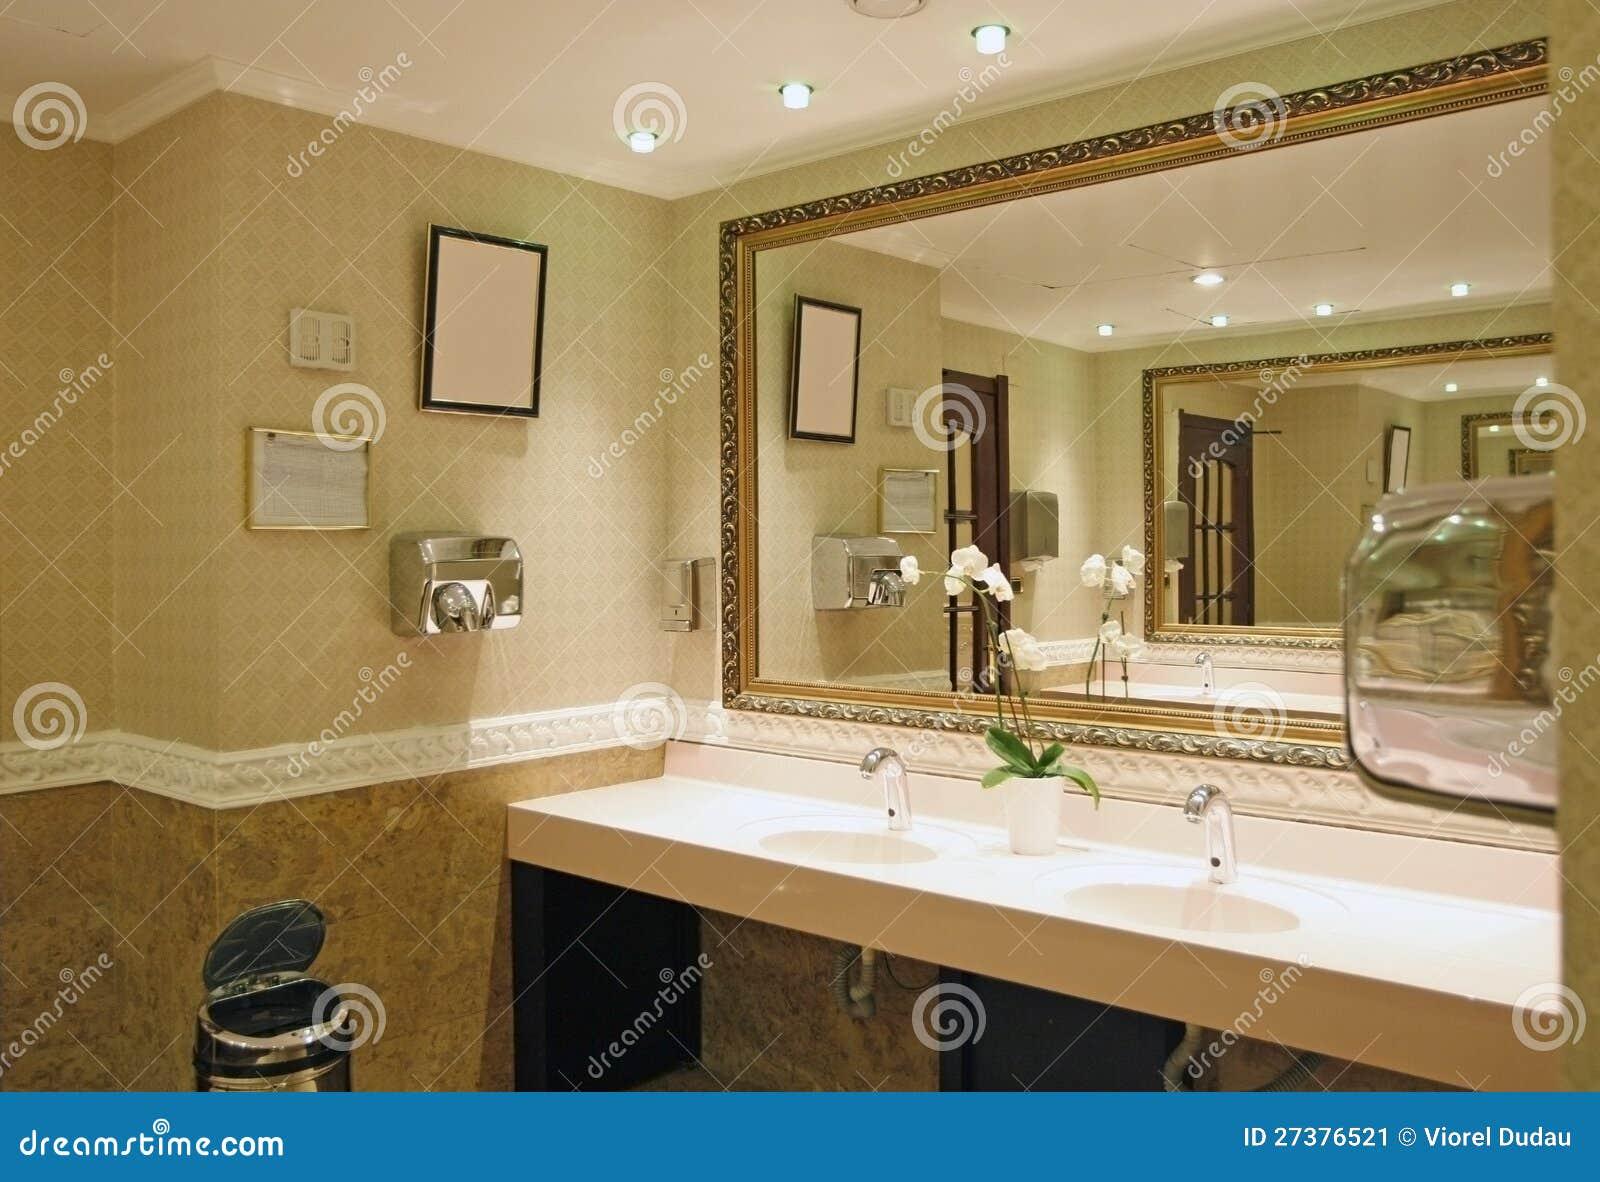 Salle de bains de luxe image stock image 27376521 for Salle de bain hotel de luxe